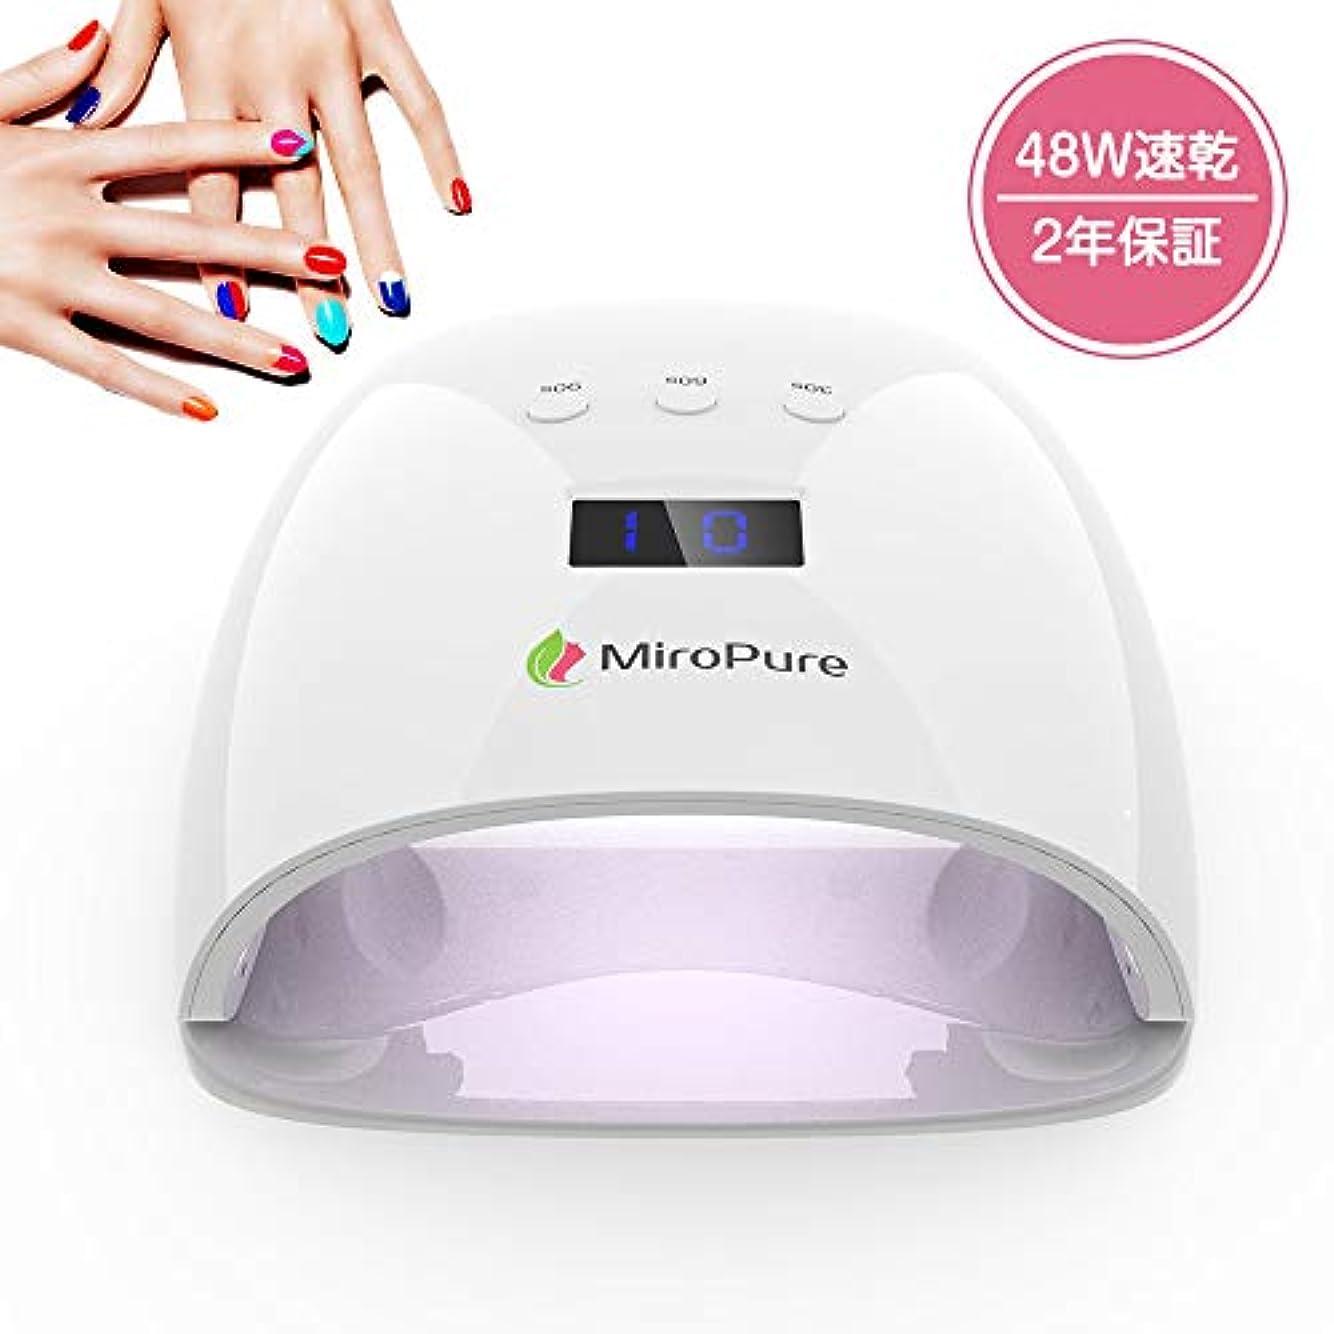 一般的に言えば熟練した動機付けるMiropure ネイルドライヤー 48W UV LED ライト 赤外線検知 自動オンオフ機能 3つタイマー設定 速乾 ハンドフット両用 日本語説明書付属 【24ヶ月保証付き】